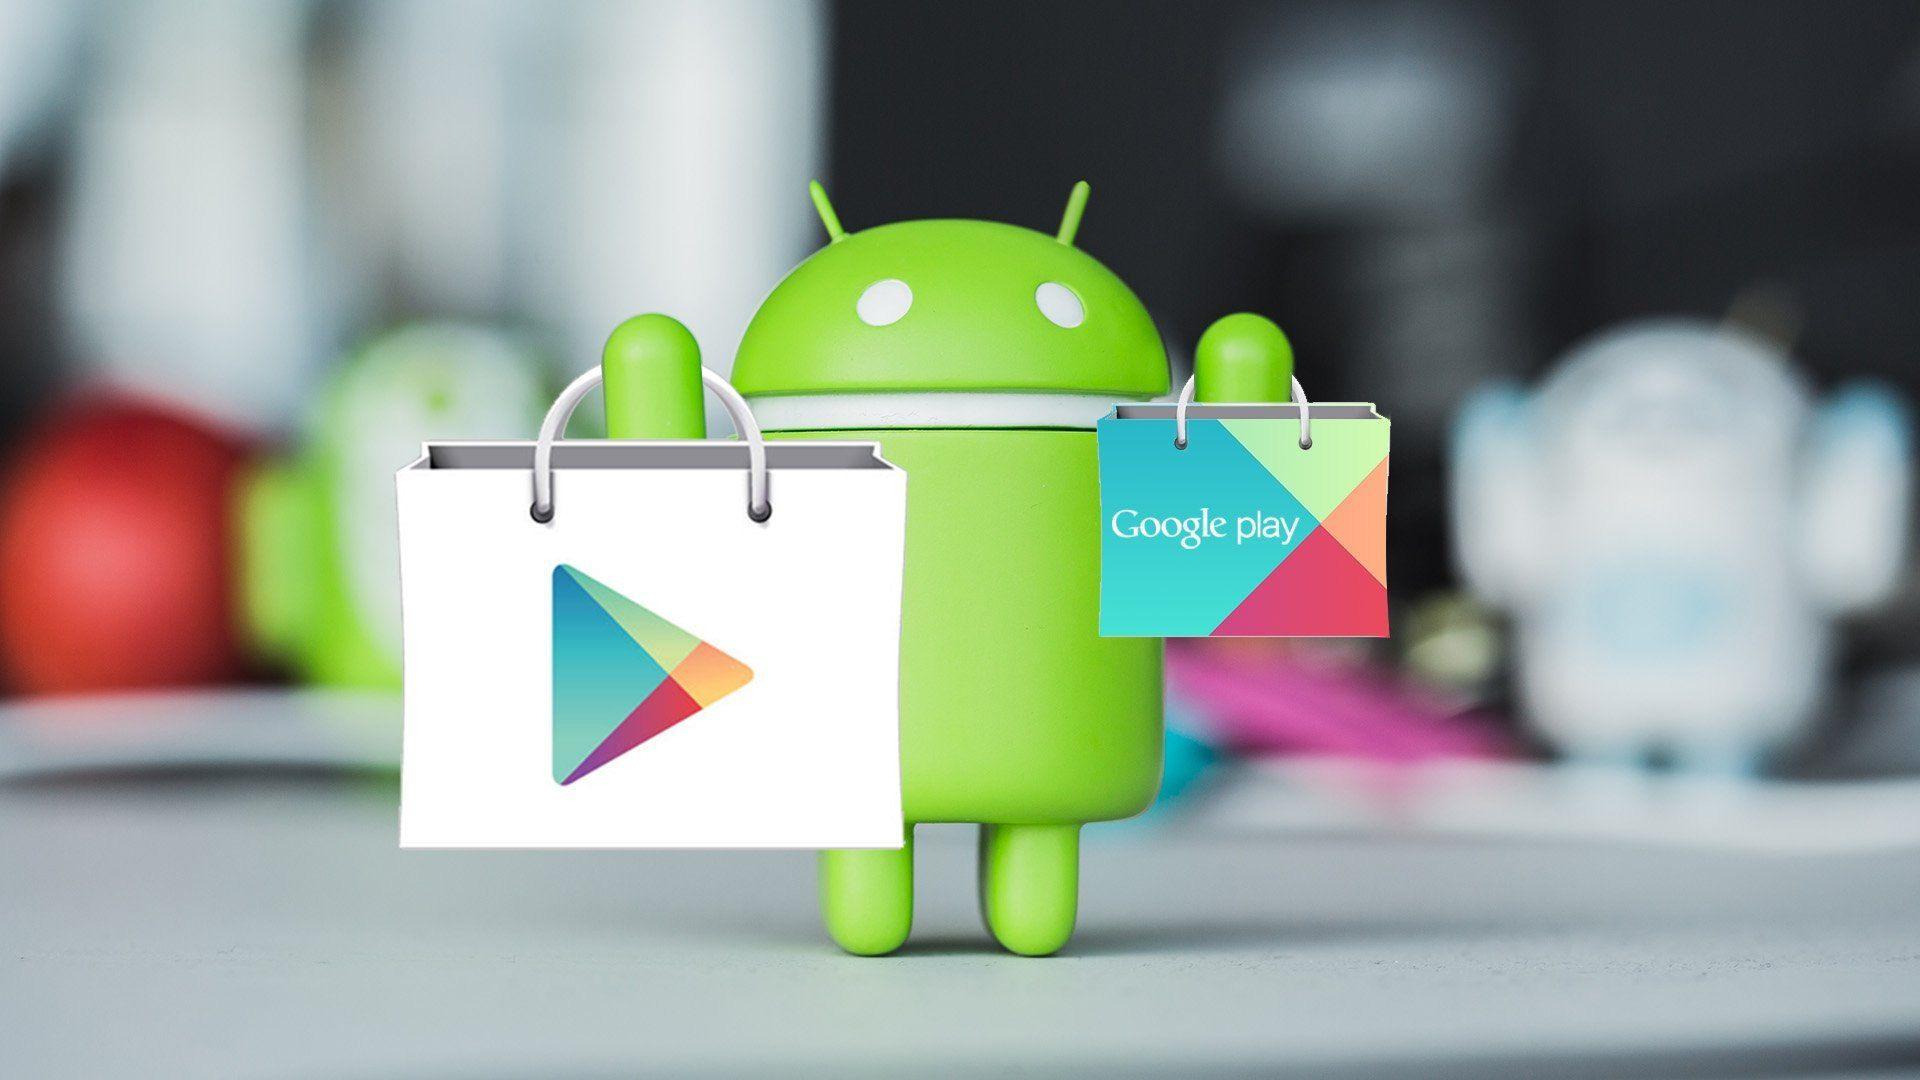 قوقل تزيل عشرات التطبيقات التي تسرق الصور Google play